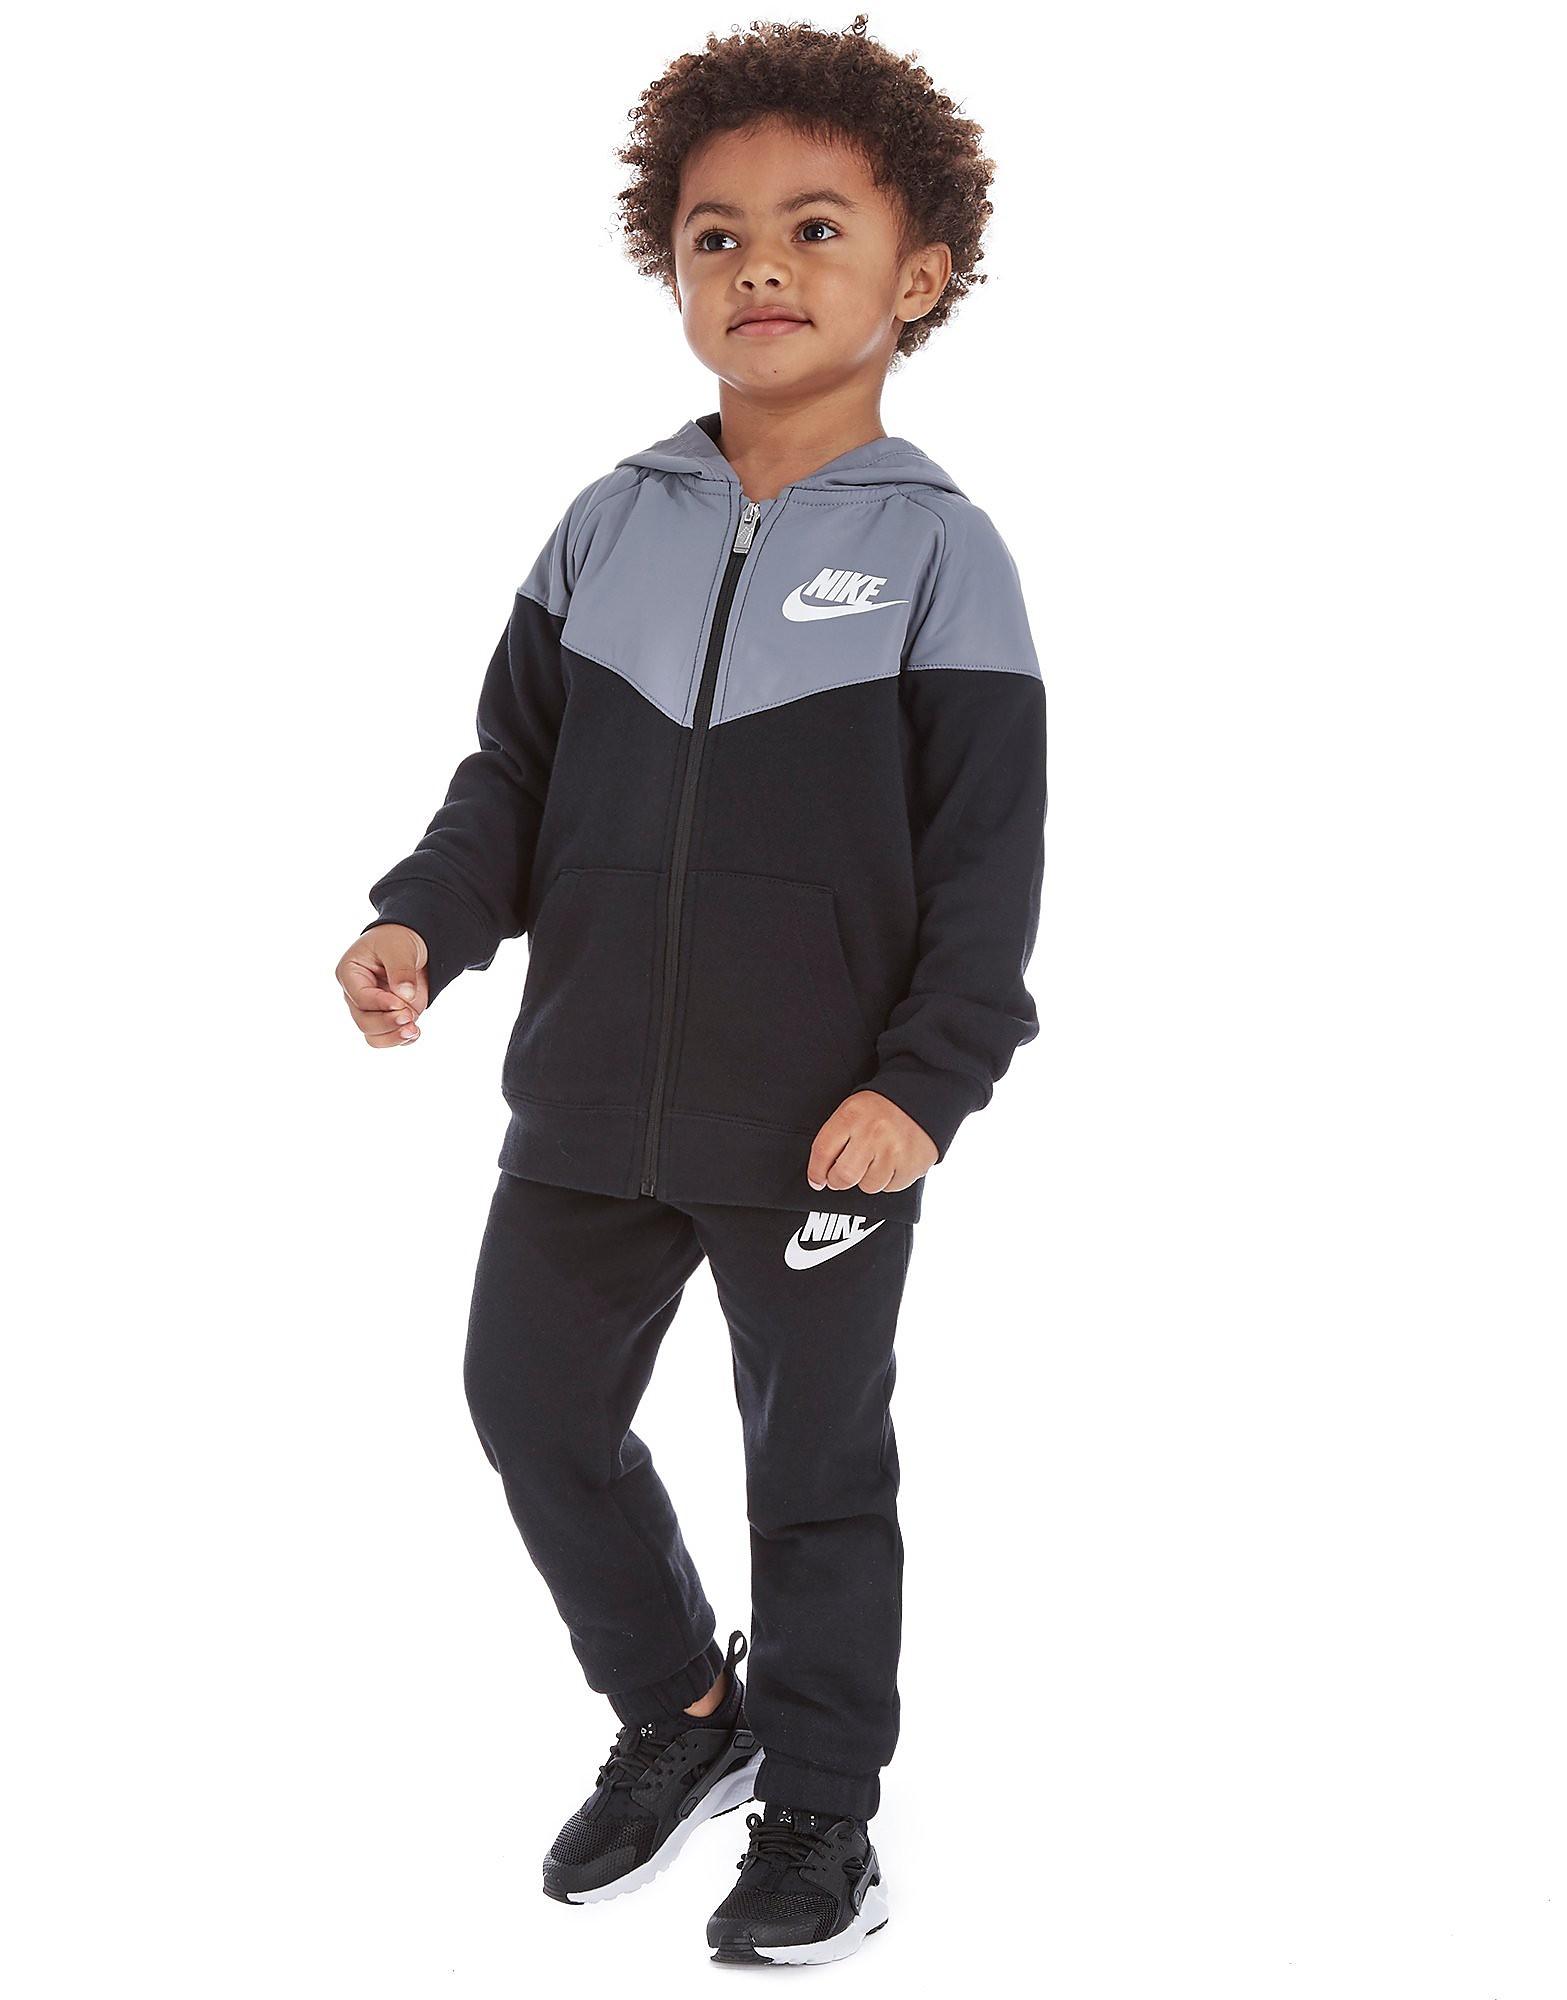 Nike Hybrid Full Zip Tracksuit Children